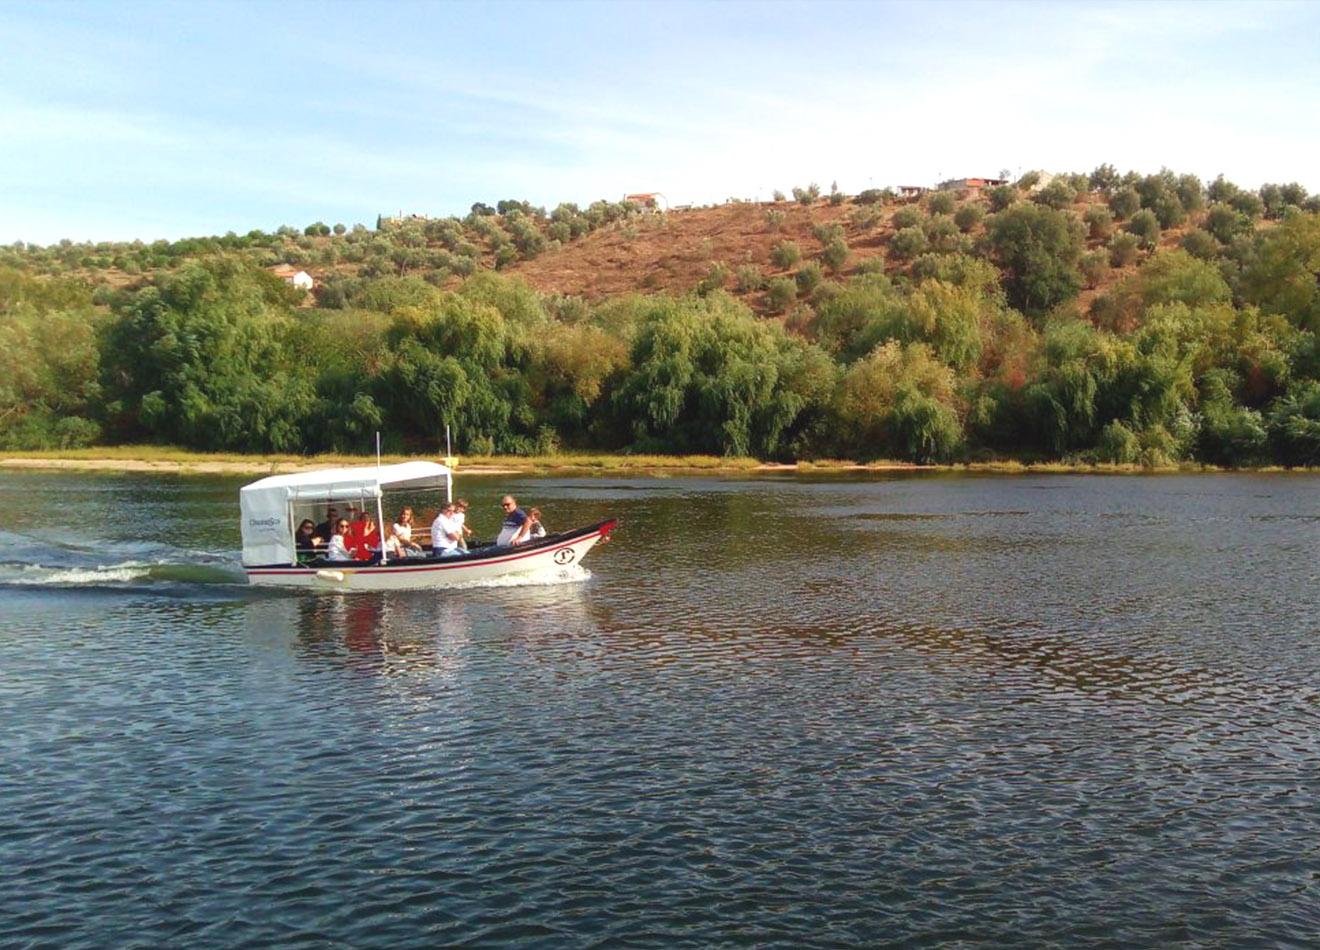 Passeio de barco tradicional ao Castelo de Almourol - Chamusca a nossa embarcação tradicional. Robusta, elegante e a condizer com a harmonia e tranquilidade do rio Tejo.Detalhes:- Duração de cerca de 1 hora e 45 minutos (passeio e visita ao Castelo de Almourol);- Pré-marcação obrigatória e sujeita a confirmação;- Pagamento na hora de embarque;- Embarcação limitada a 12 pessoas por passeio.- Valor da experiência: 6€/pessoa.- Bilhete de entrada no Castelo de Almourol: 4€/pessoa.Para mais informações não hesite em enviar as suas questões pelo formulário de marcações.